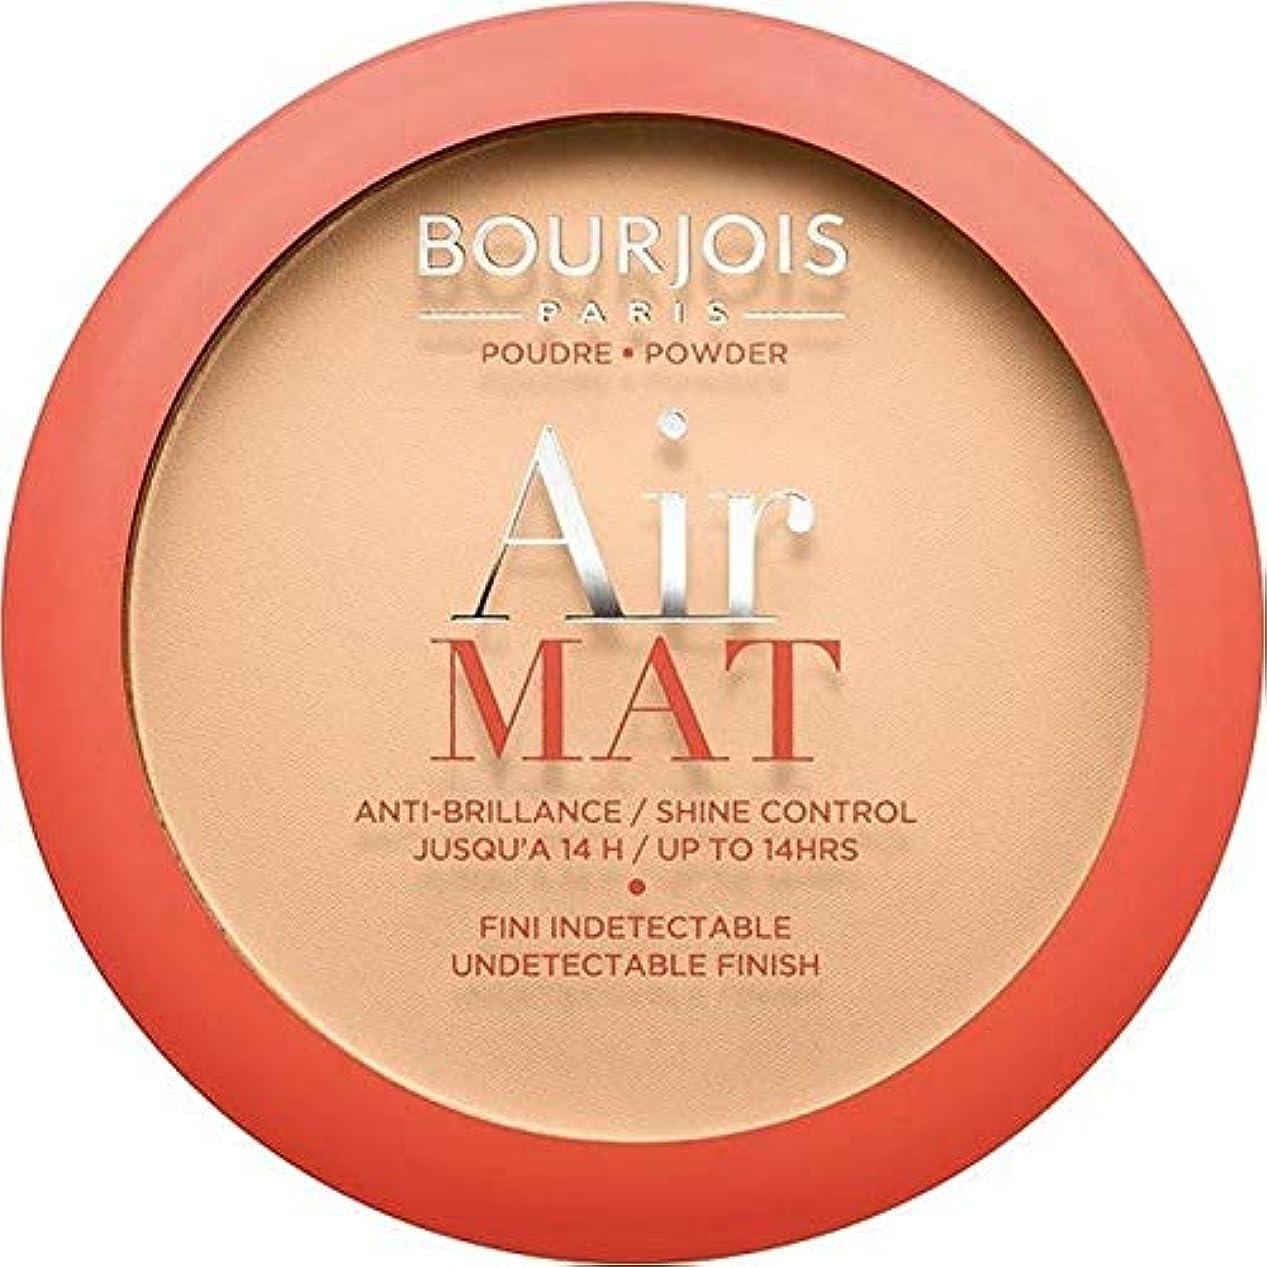 好意シャツ全く[Bourjois ] ブルジョワ空気マット圧粉 - ライトベージュ - Bourjois Air Mat Pressed Powder - Light Beige [並行輸入品]